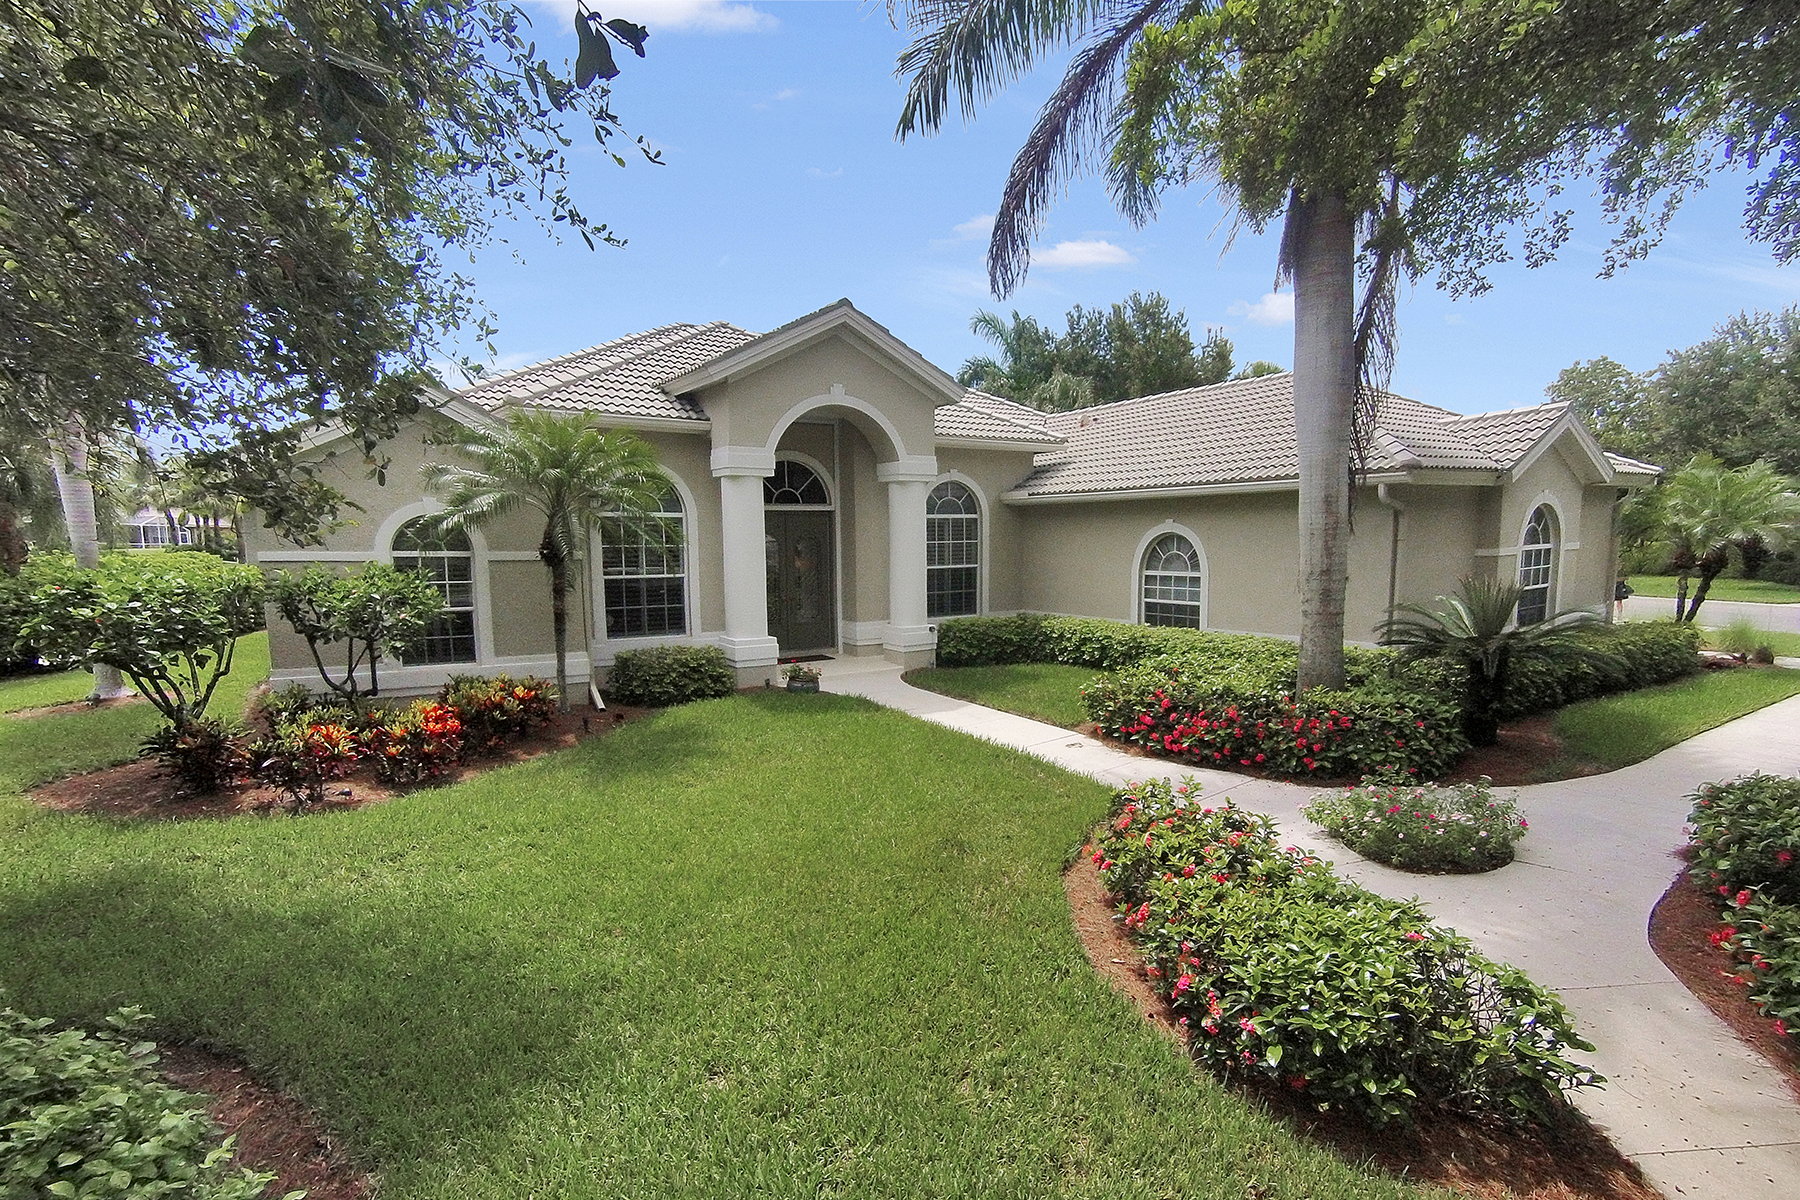 Maison unifamiliale pour l Vente à STONEBRIDGE - HAWTHORNE ESTATES 1876 Pondside Ln Naples, Florida 34109 États-Unis